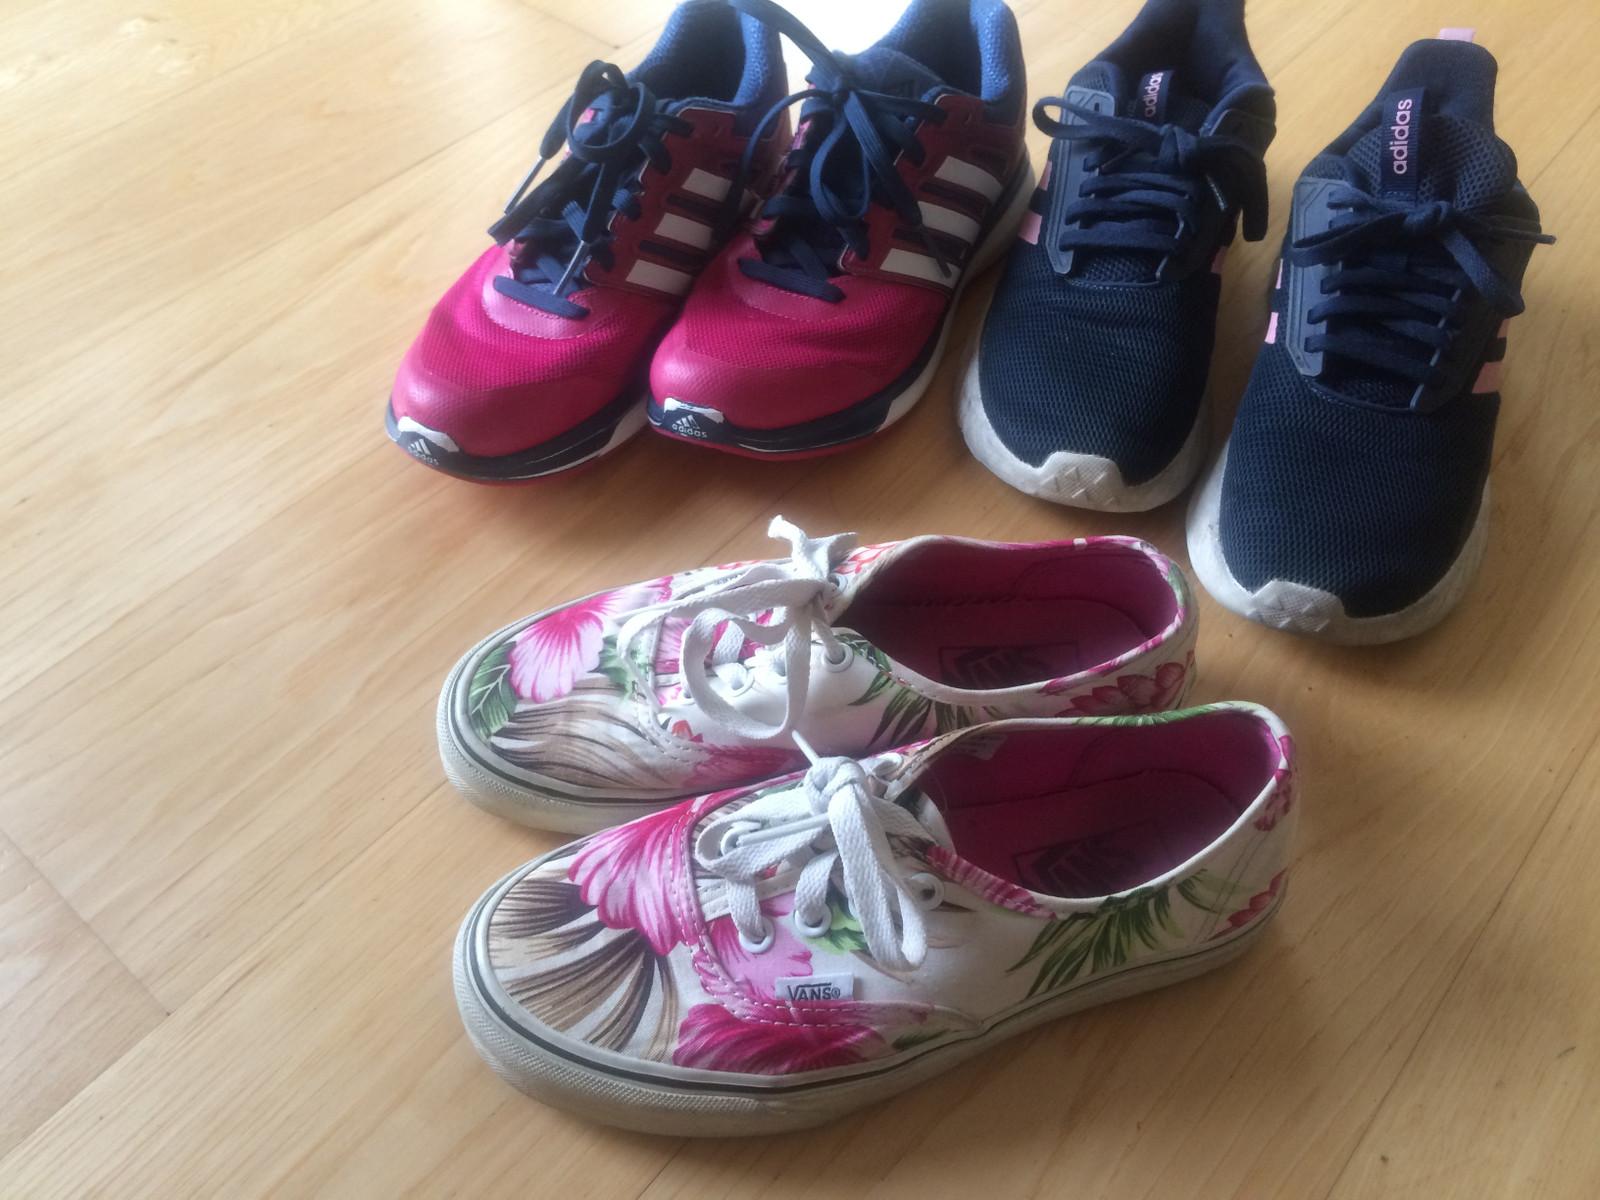 Joggesko jente Adidas og sneakers fra Vans, str. 36 | FINN.no